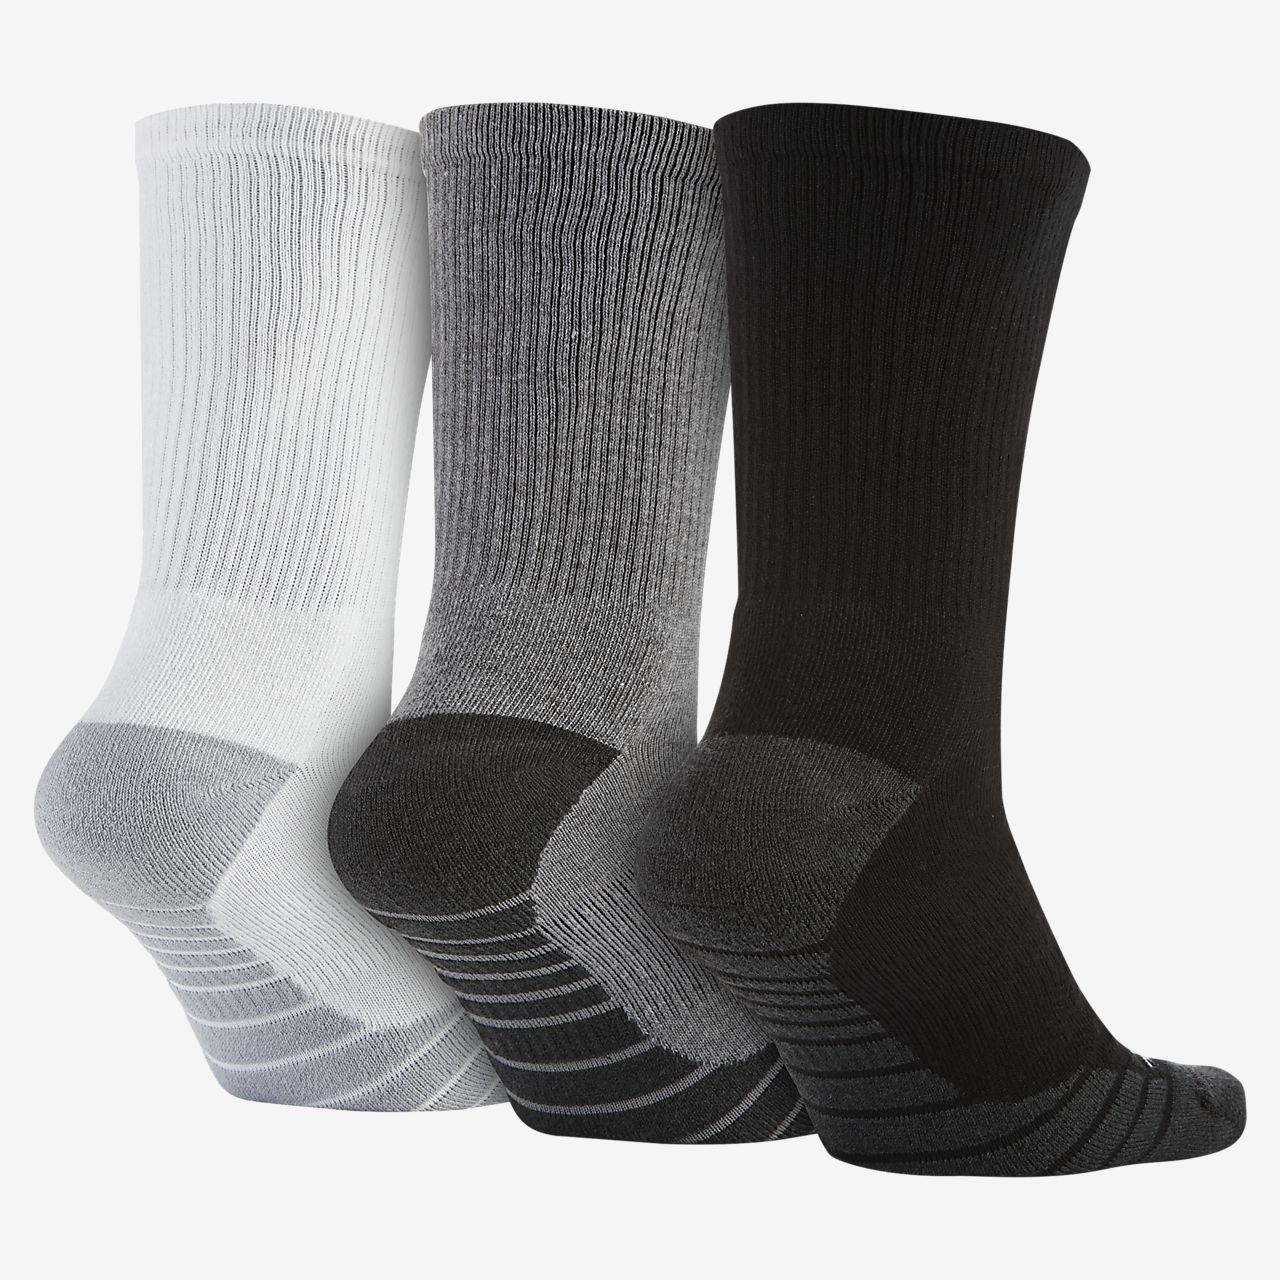 378601c09f594 Nike Dry Cushion Crew Training Socks (3 Pair). Nike.com GB